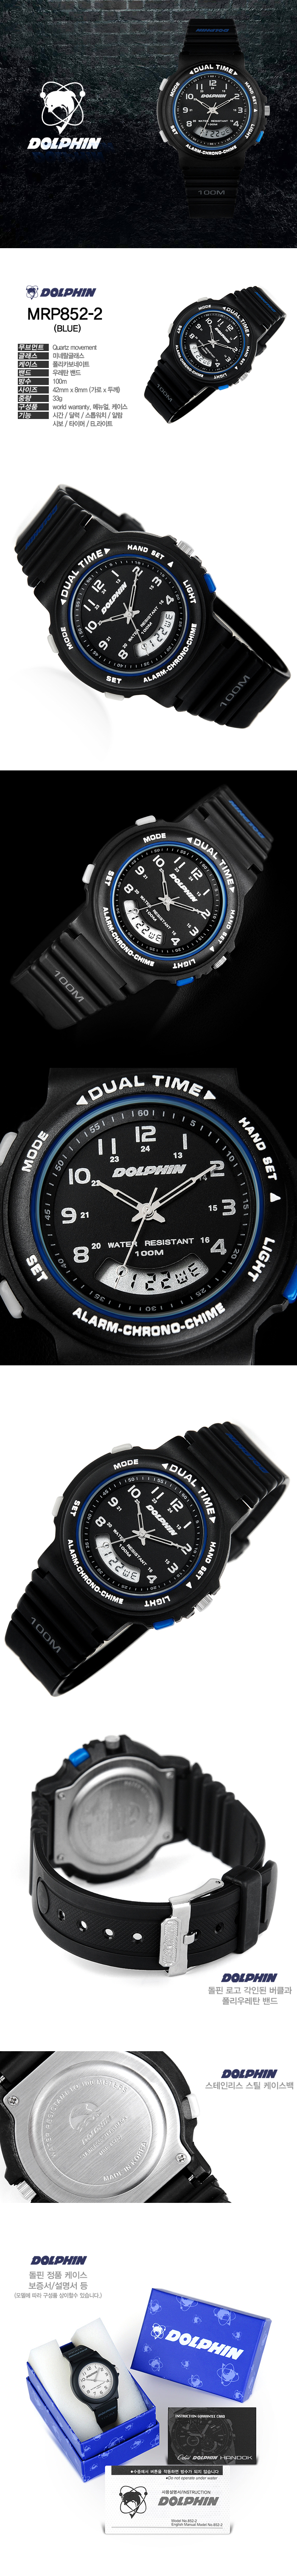 돌핀(DOLPHIN) MRP 852-2(B) 스톱워치 알람 타이머 시계